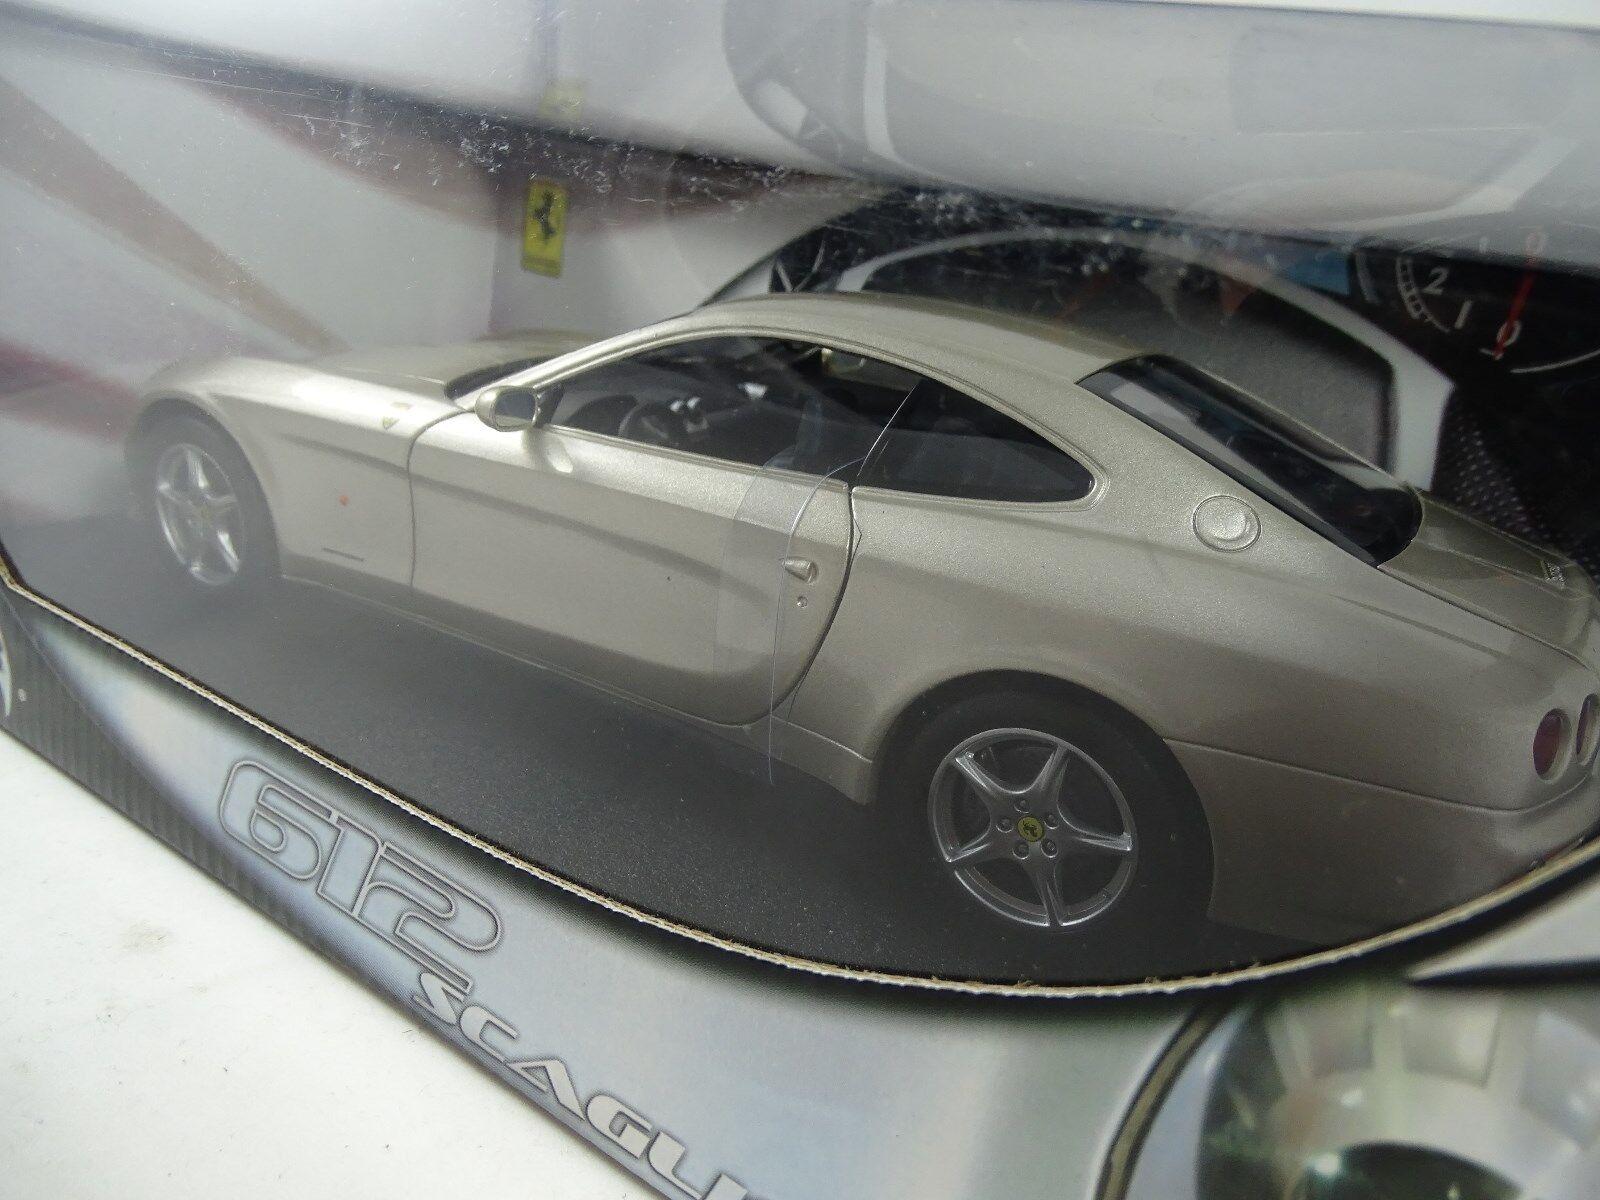 1 18 Hot Wheels-ferrari 612 Scaglietti Scaglietti Scaglietti gris plata-rareza § 9aaa4a